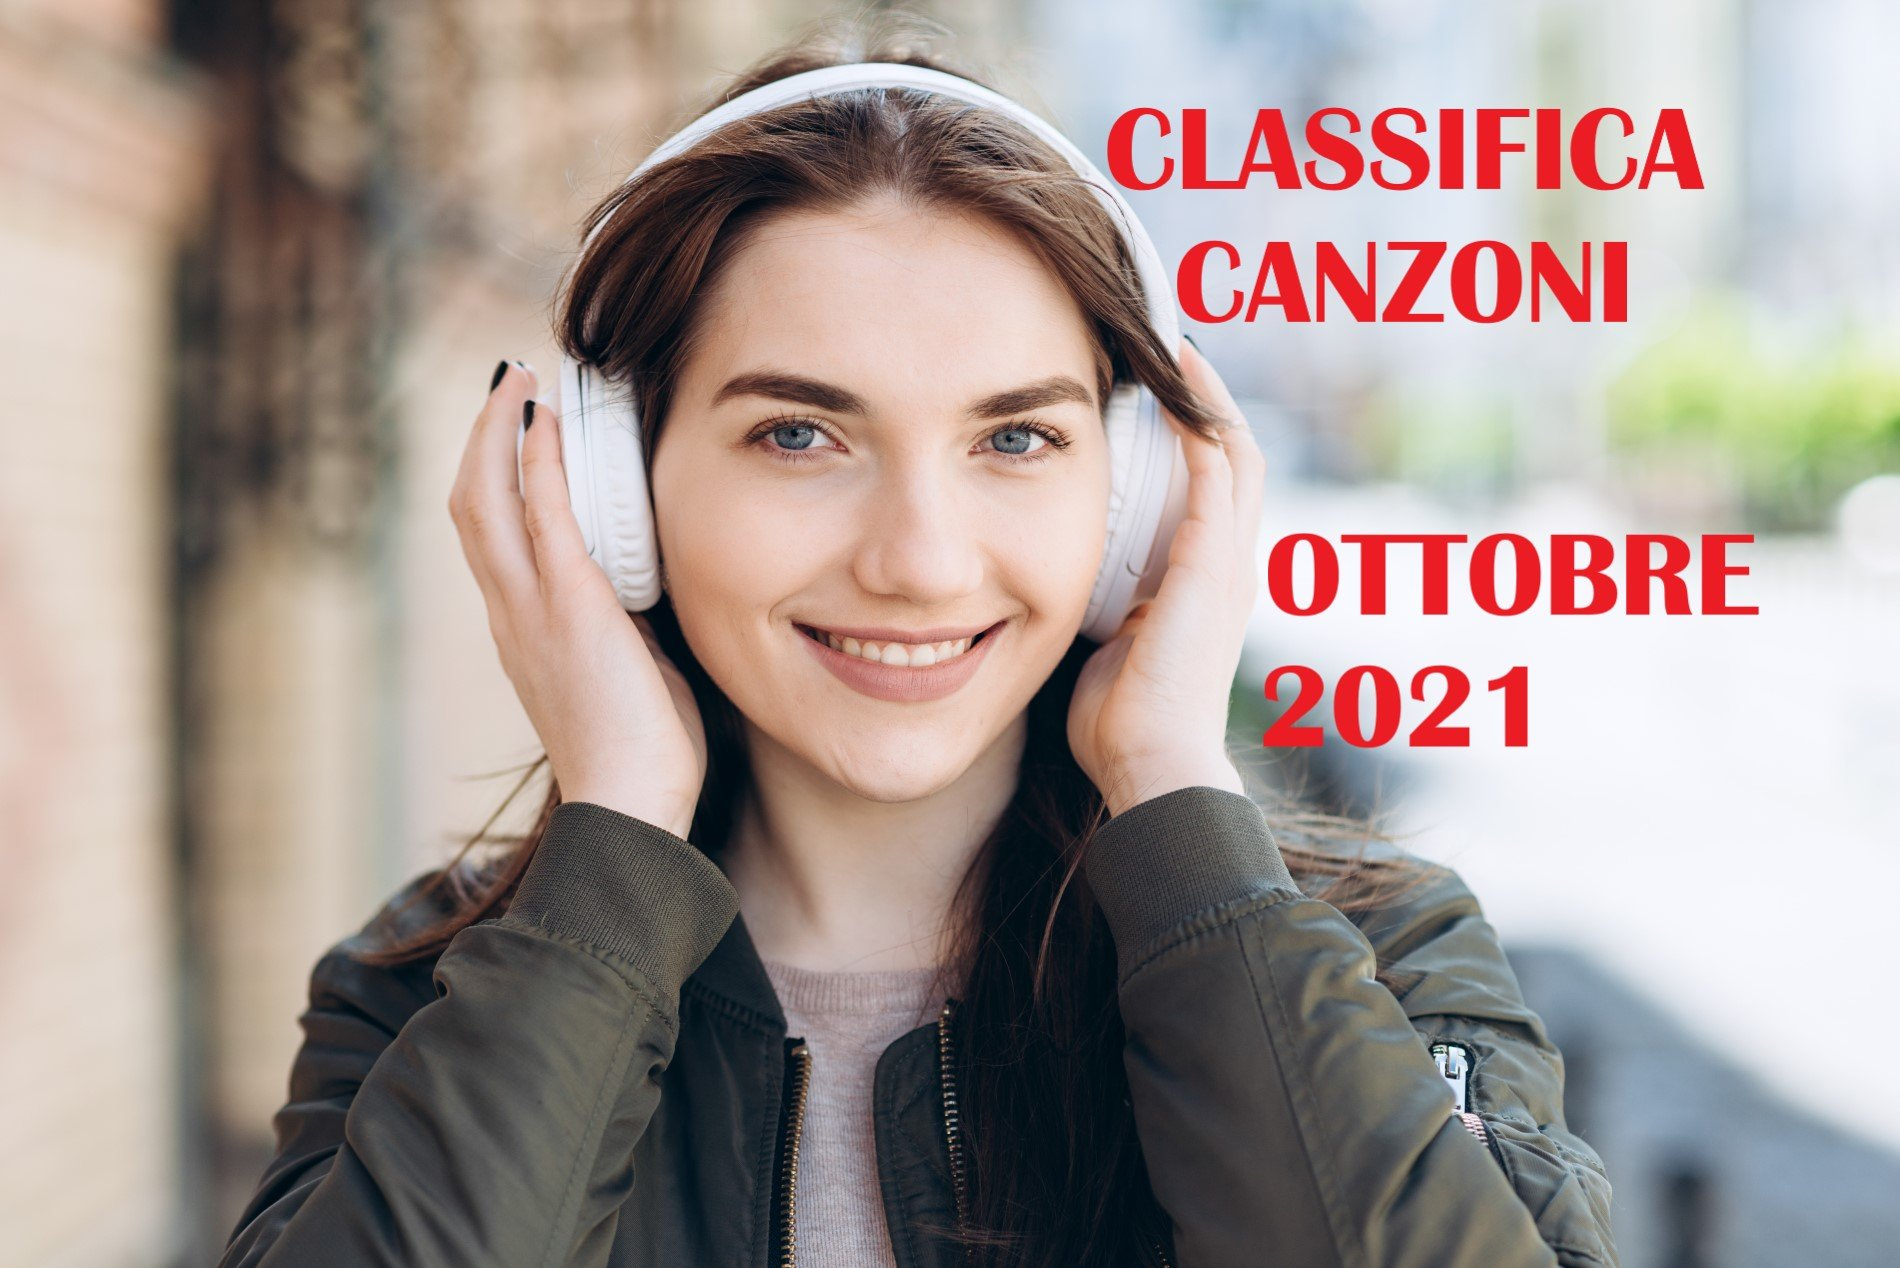 CLASSIFICA CANZONI OTTOBRE 2021 – LA MIGLIORE MUSICA DEL MOMENTO OTTOBRE 2021